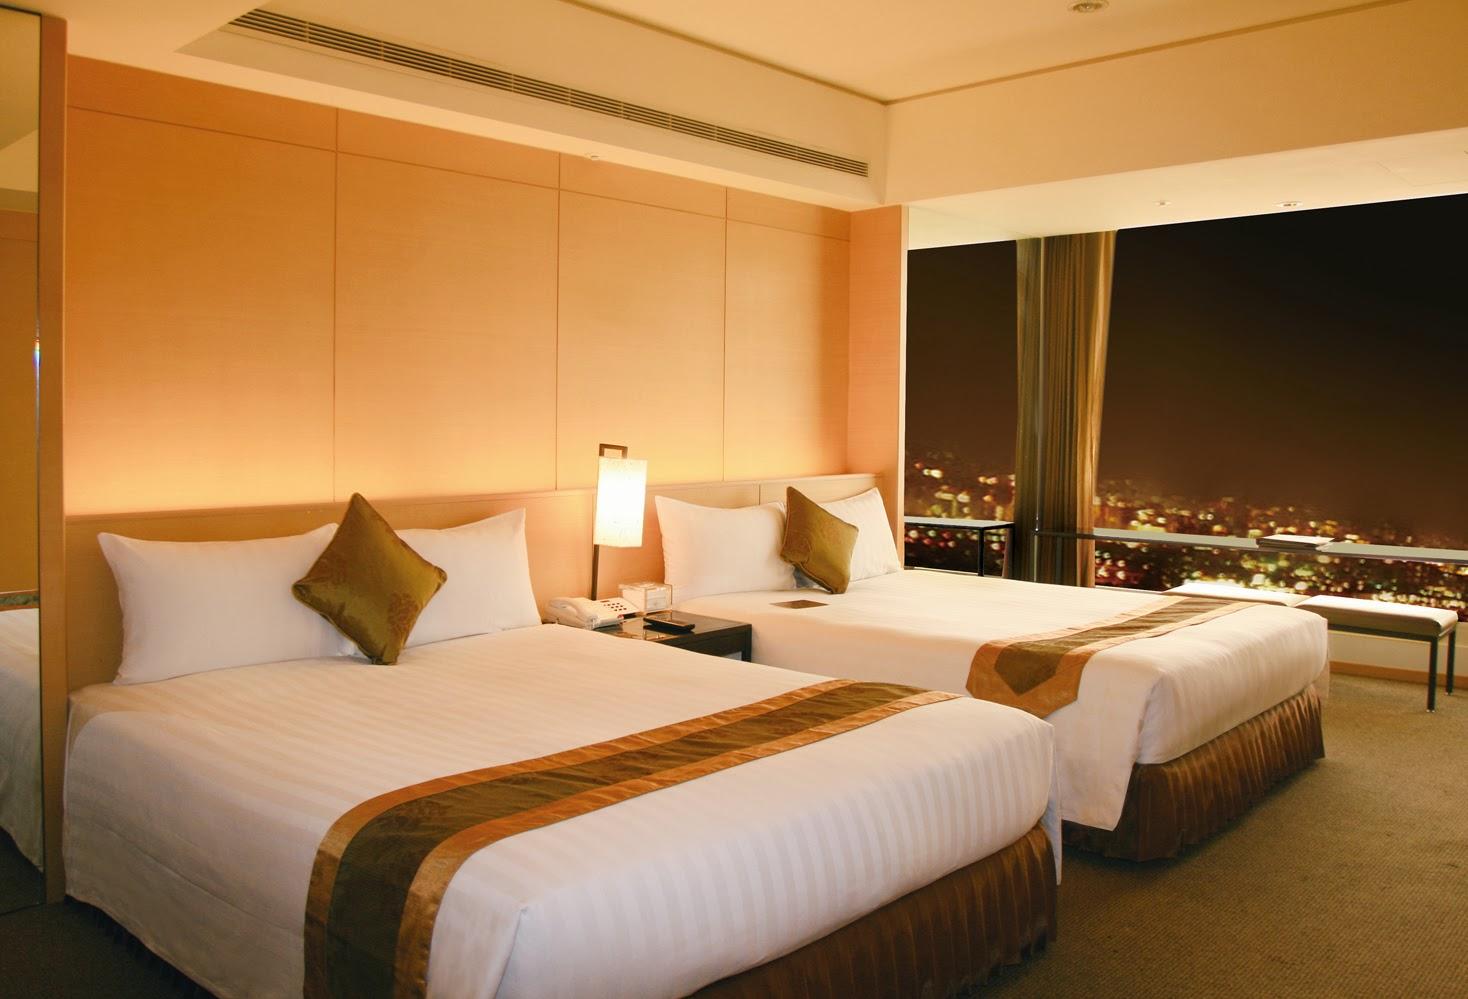 ITF臺北國際旅展官方部落格: 清新溫泉飯店 2013臺北國際旅展住宿券優惠